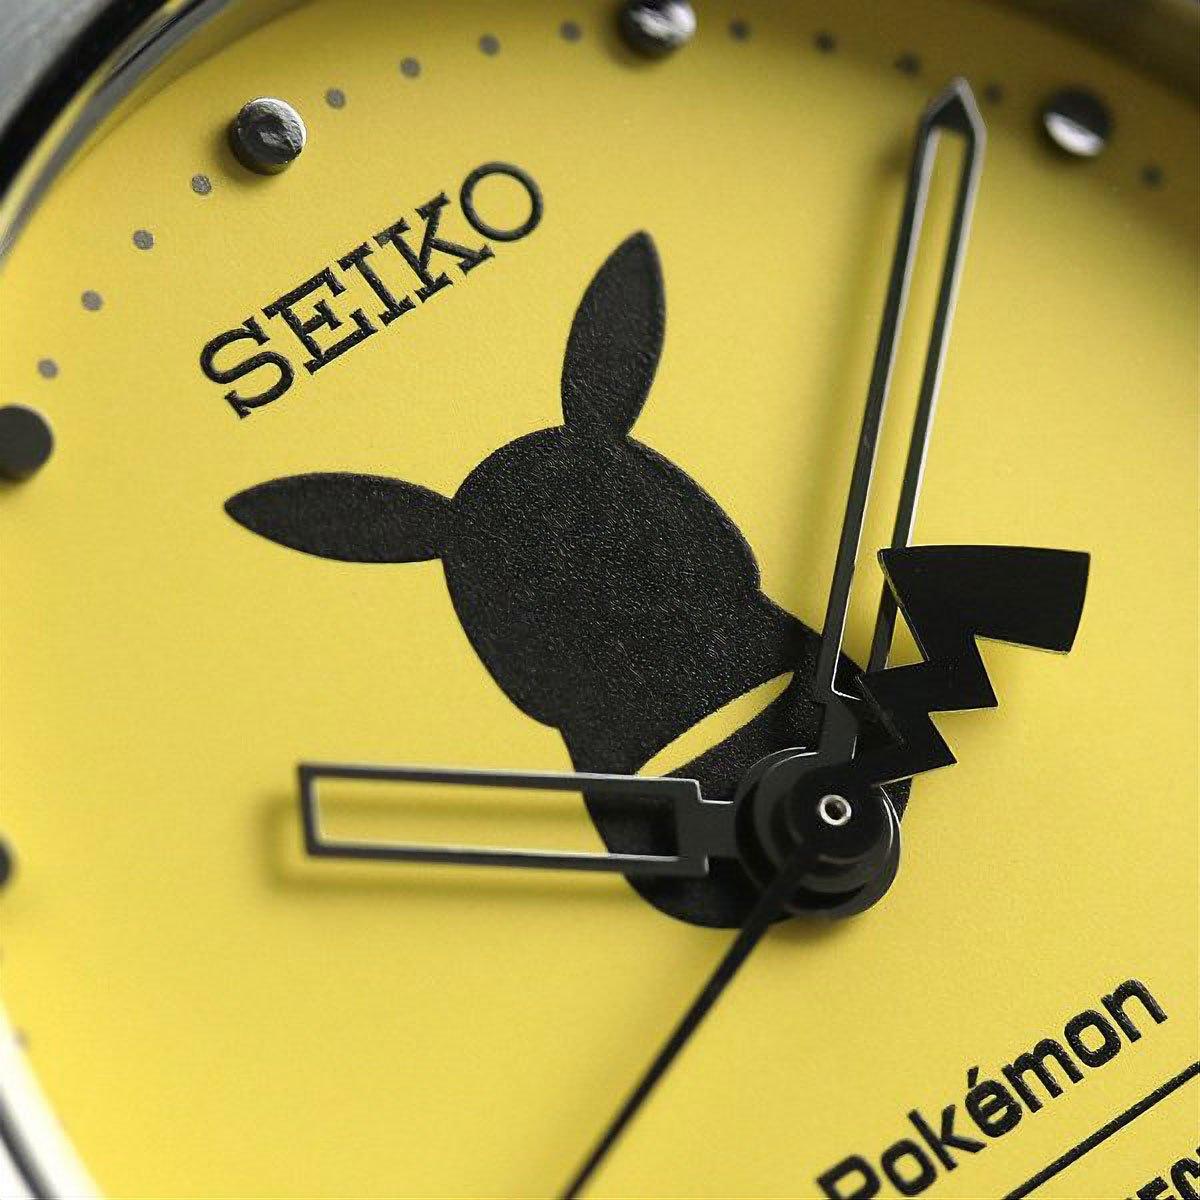 Seiko Pikachu Pokémon Watch